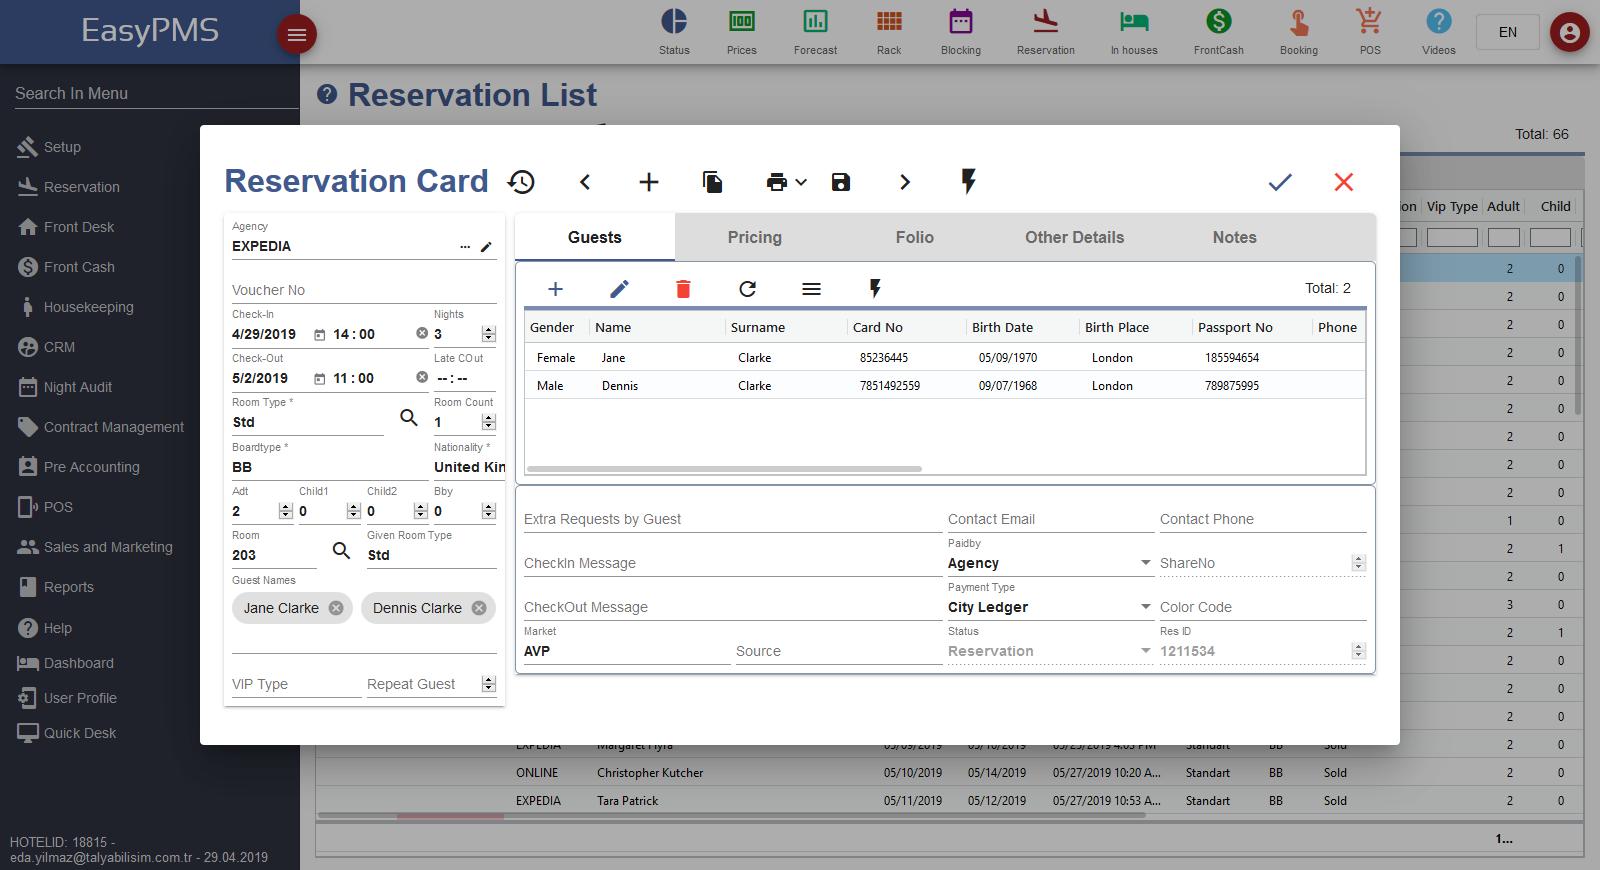 hotel management software - reservation card